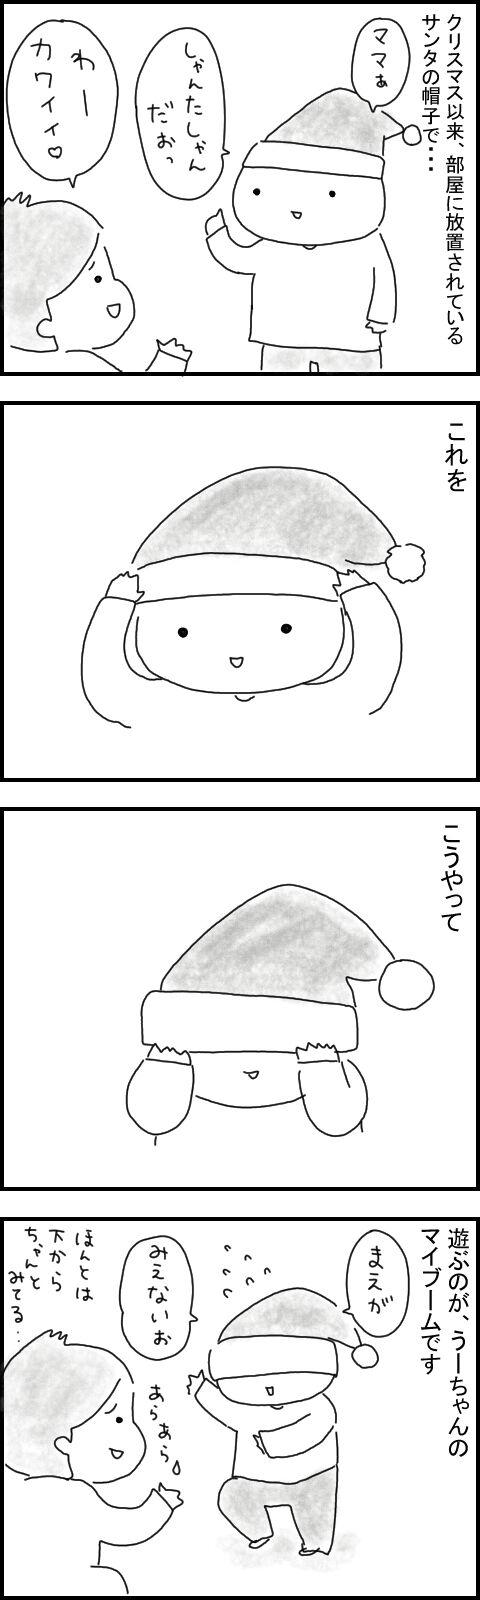 サンタになったうーちゃん